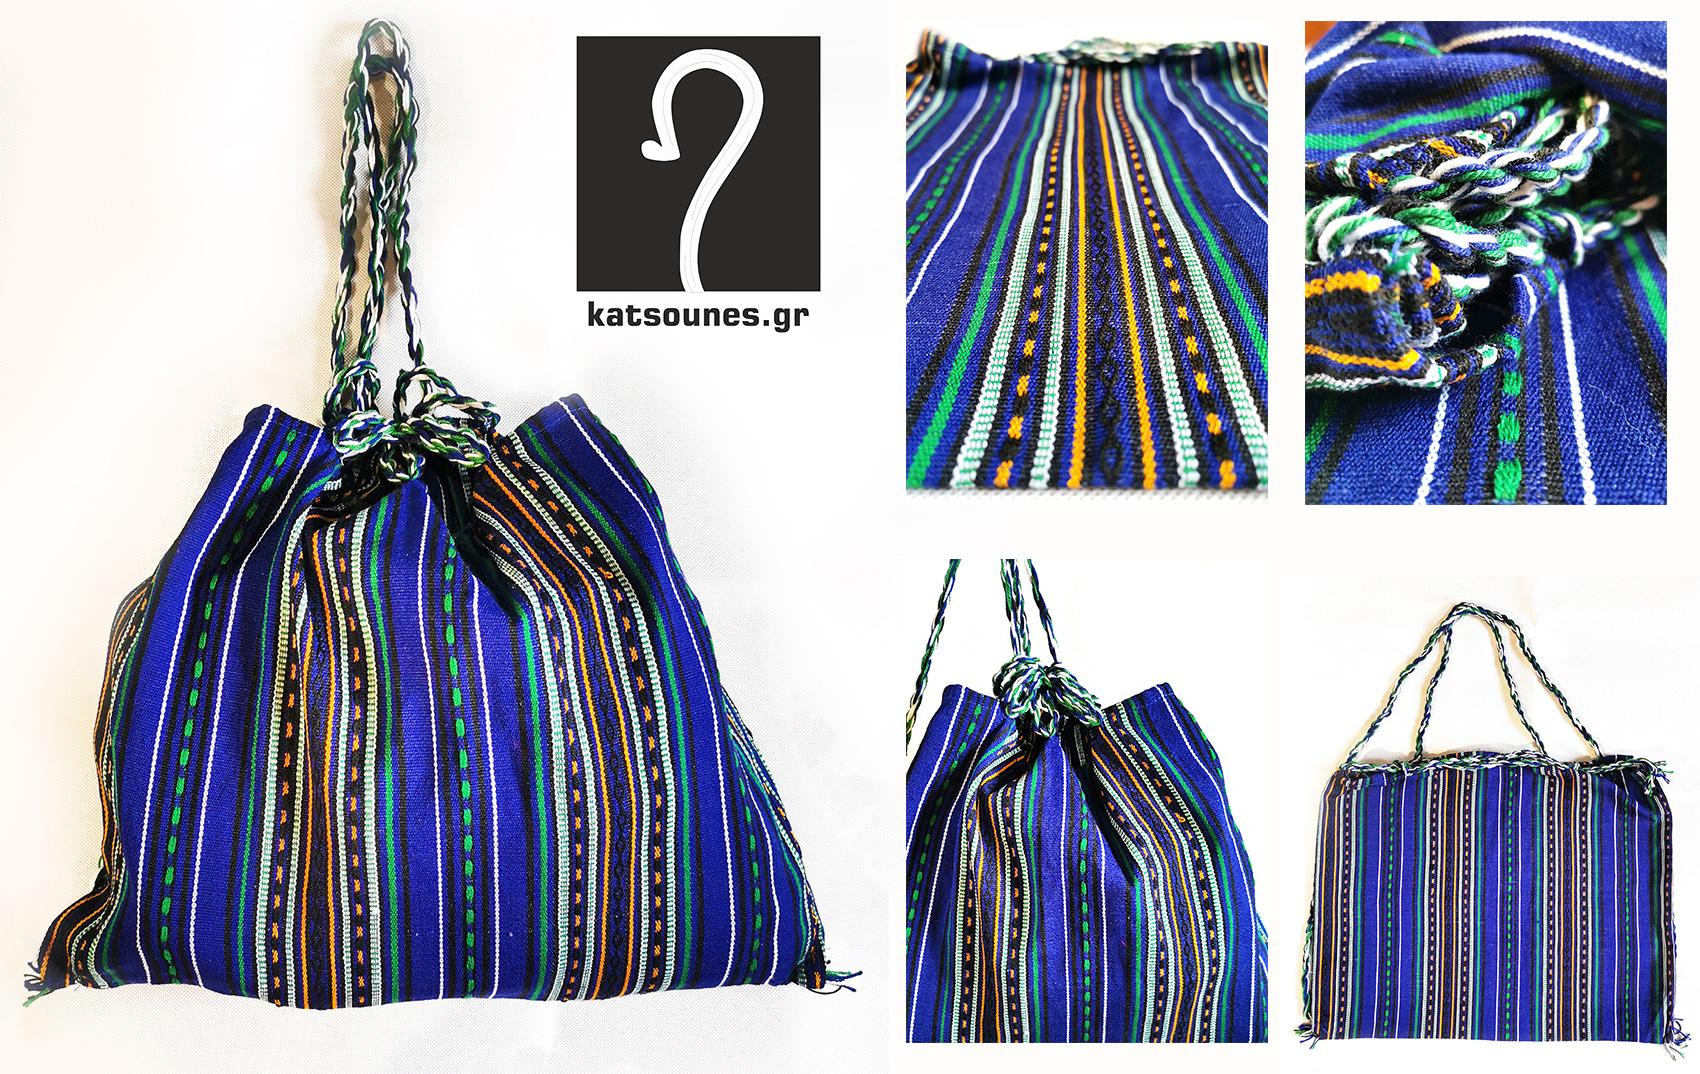 Κρητική Βουργια μπλε – Παραδοσιακή τσάντα (ΠΛΑΤΗΣ) βοσκού